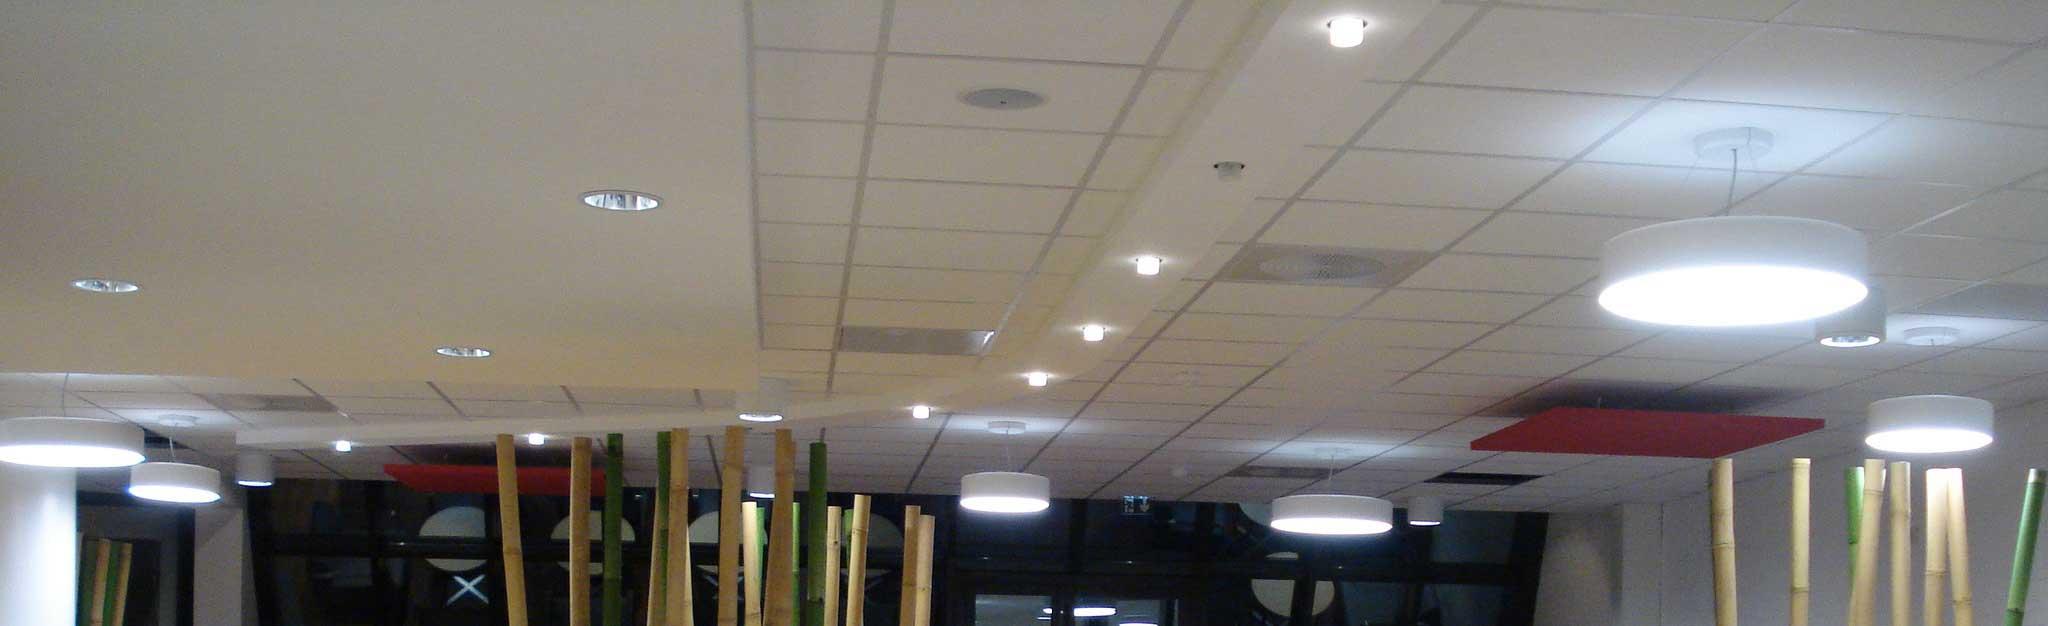 a_plafond_suspendu_7